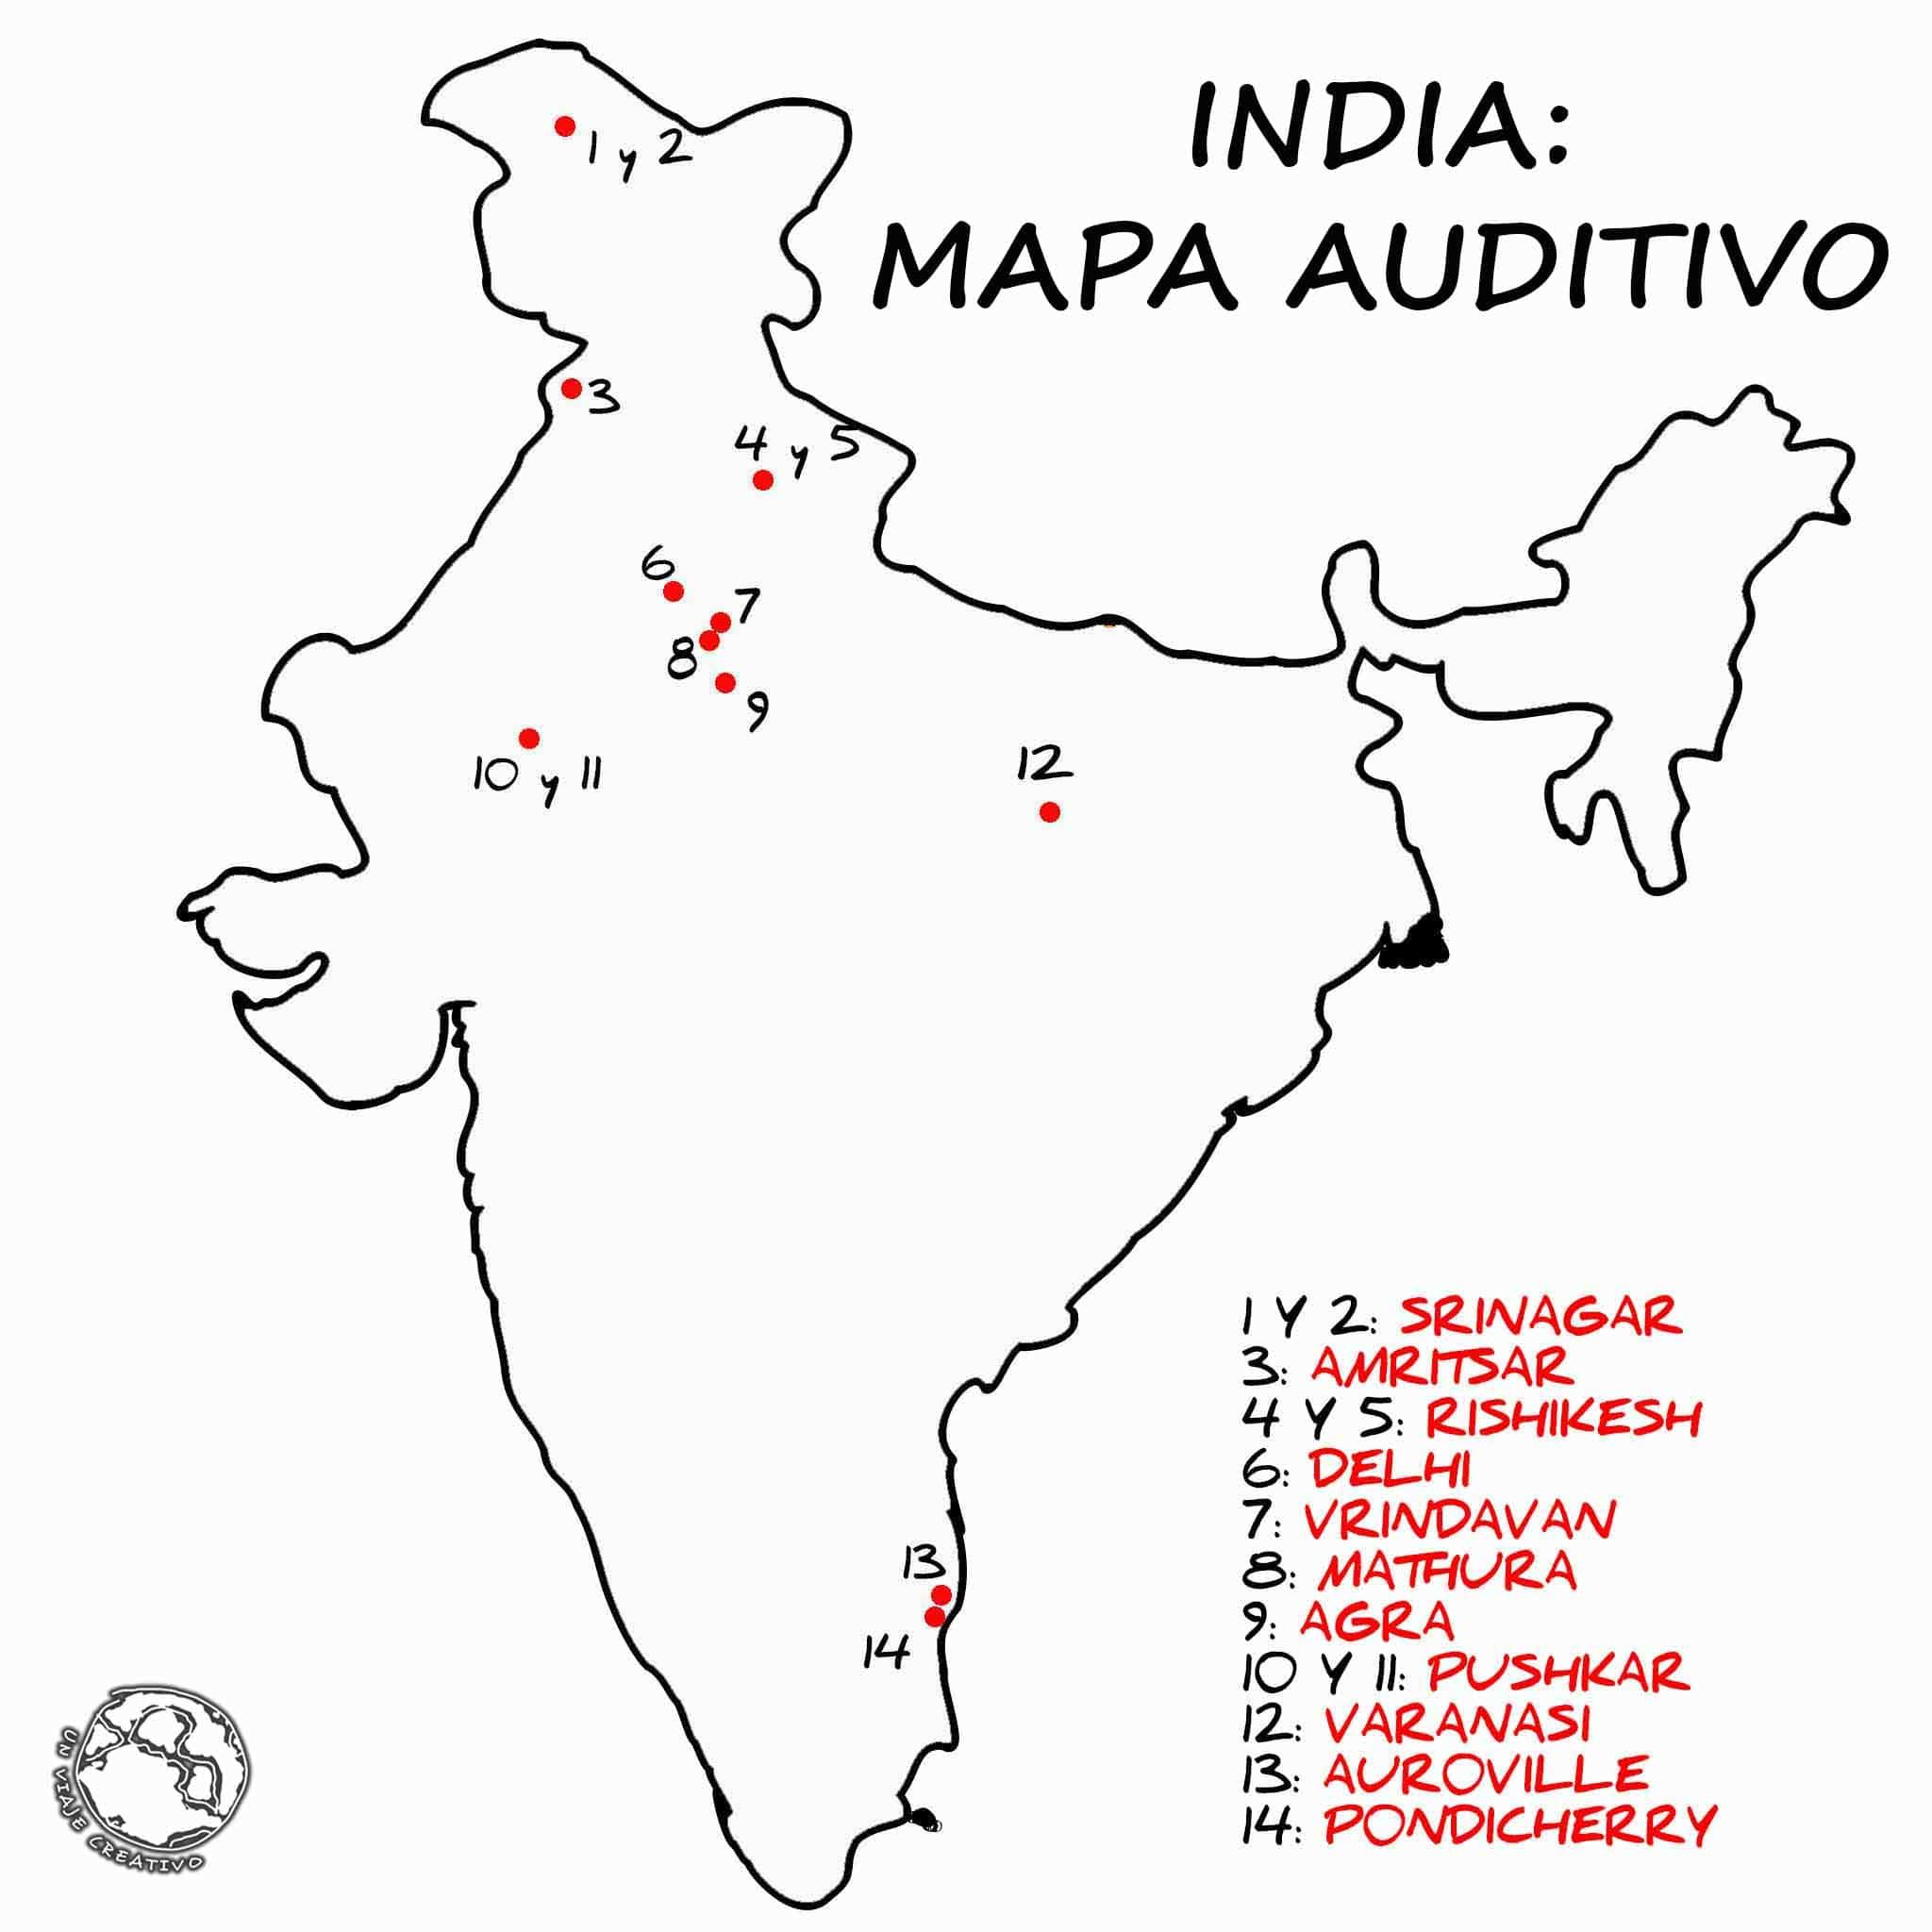 INDIA - MAPA AUDITIVO